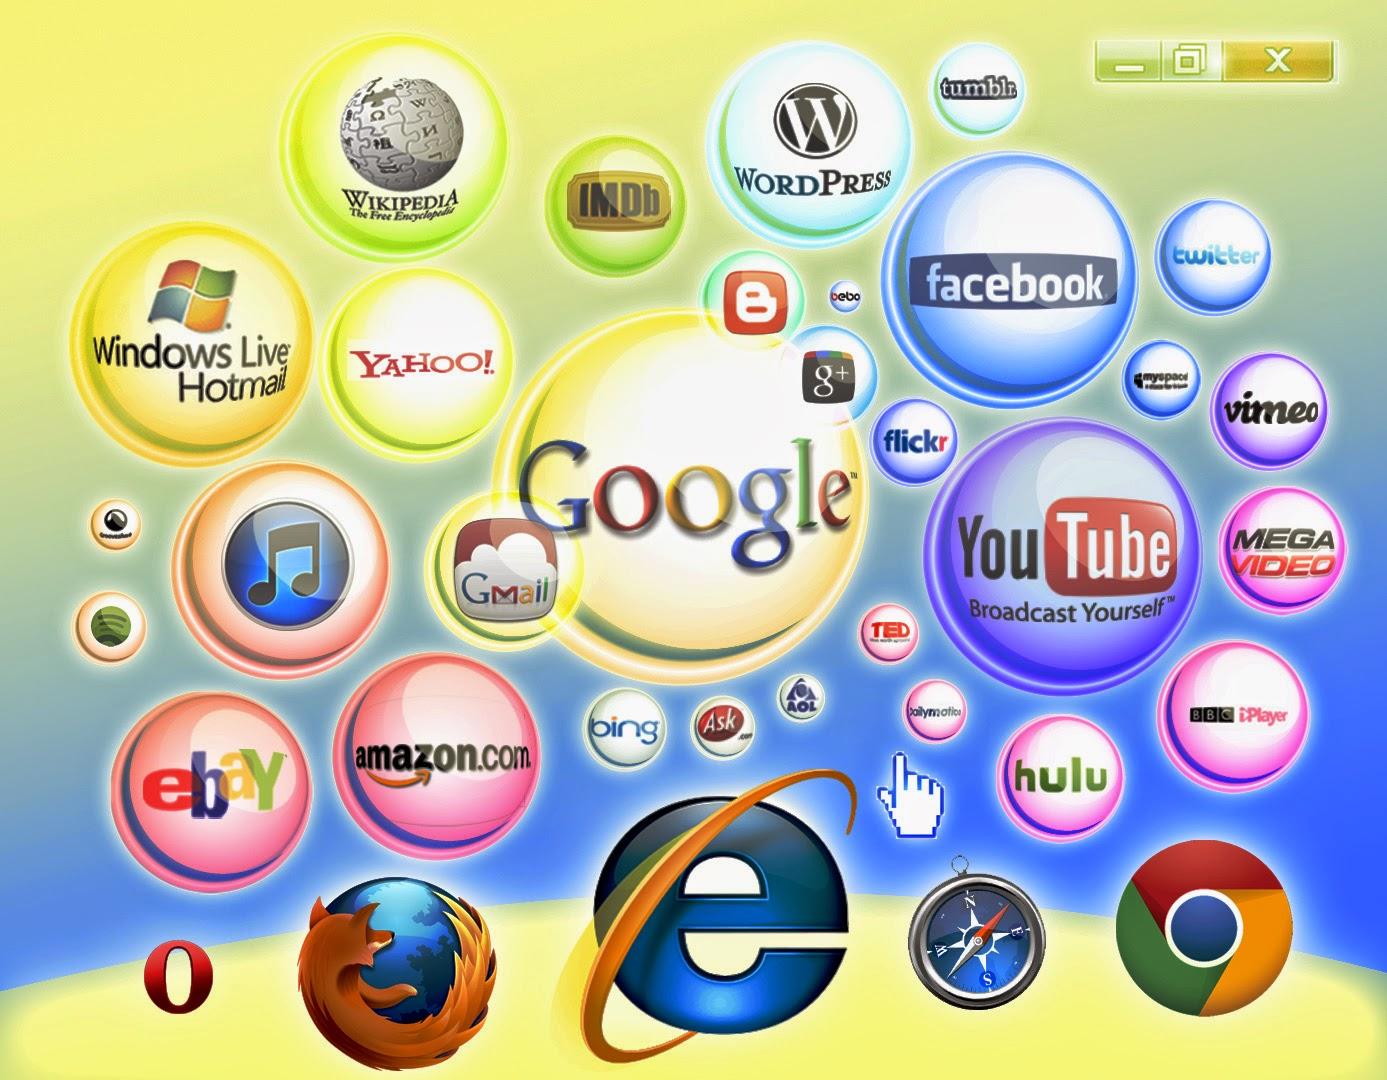 2014-04-29-internetwallpaperhd1.jpg